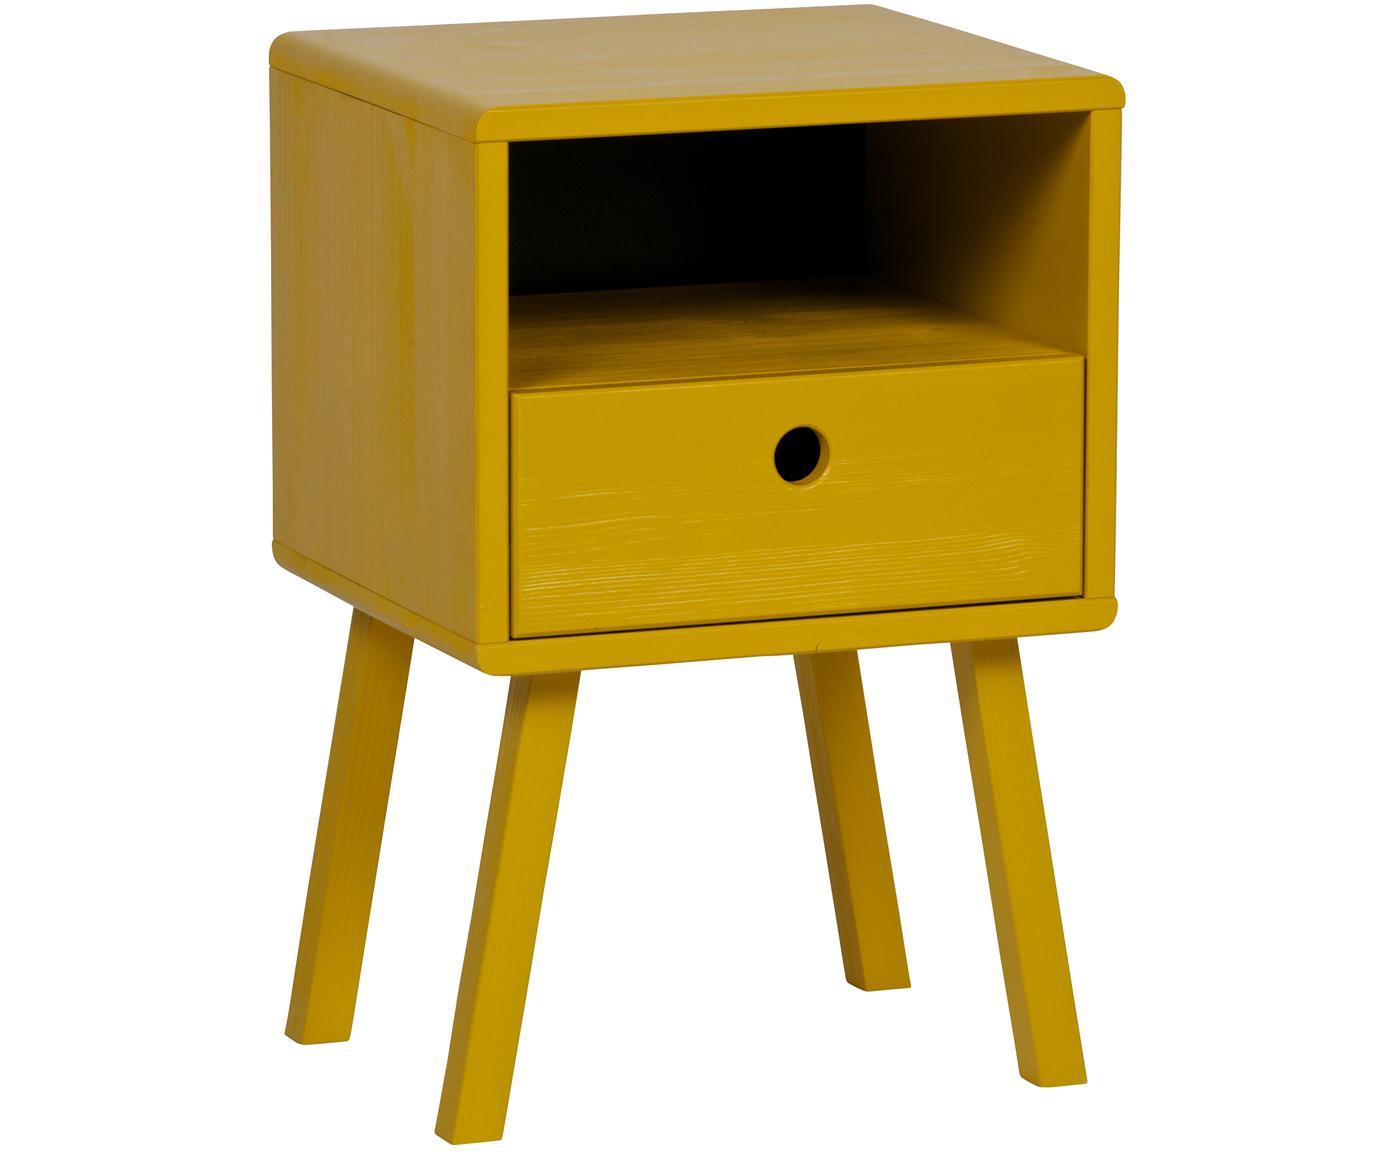 Comodino in giallo senape con cassetto Sammie, Legno di pino spazzolato e verniciato, Giallo senape, Larg. 35 x Alt. 53 cm